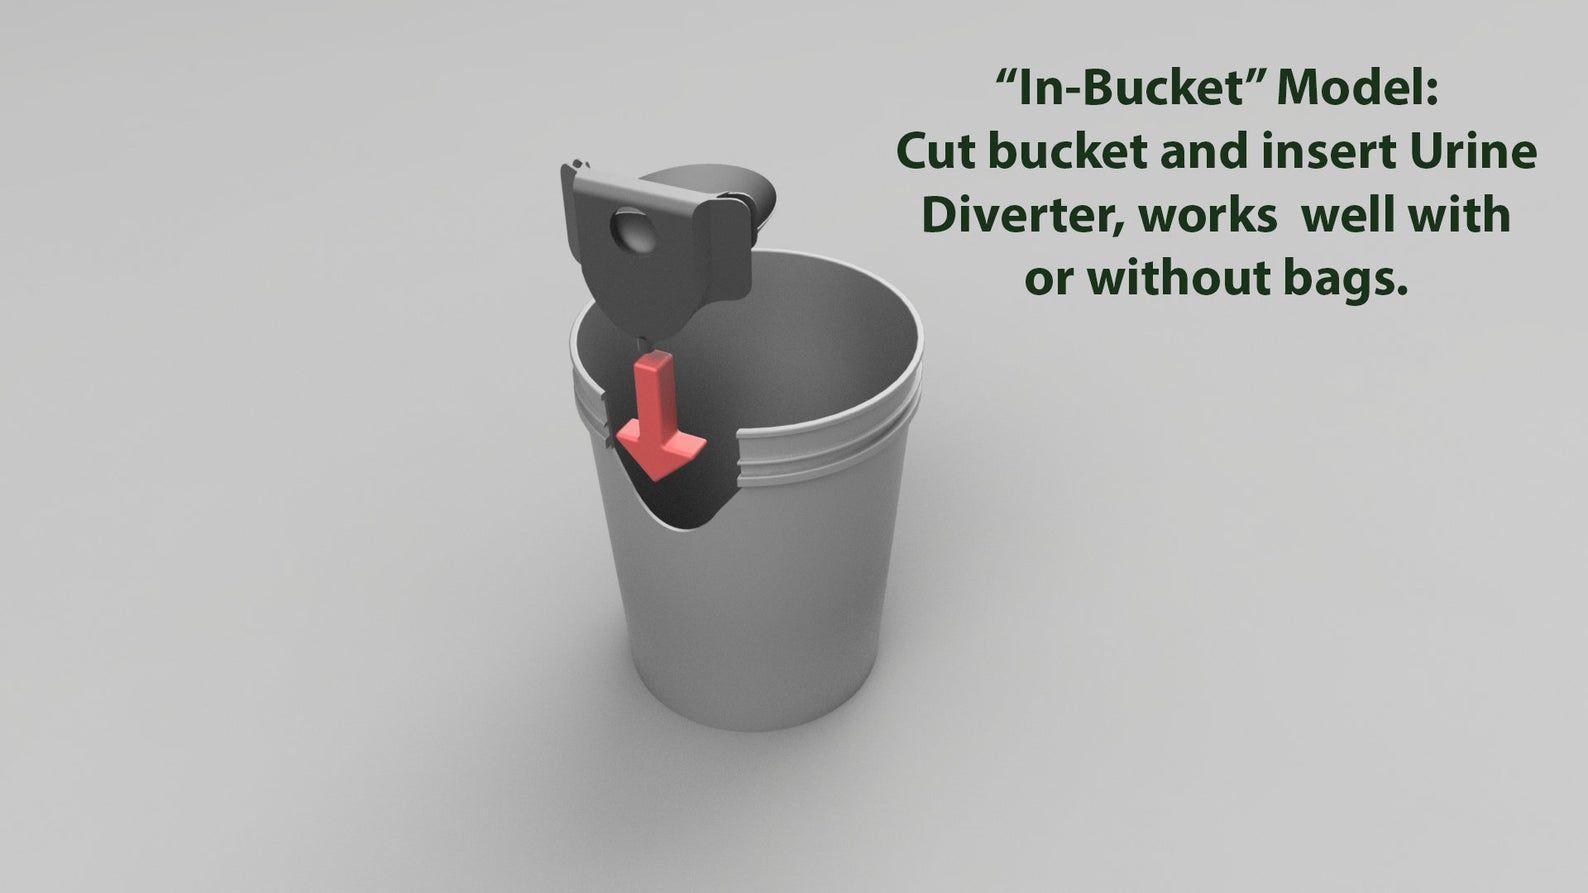 Diy composting toilet urine diverter and ventilation